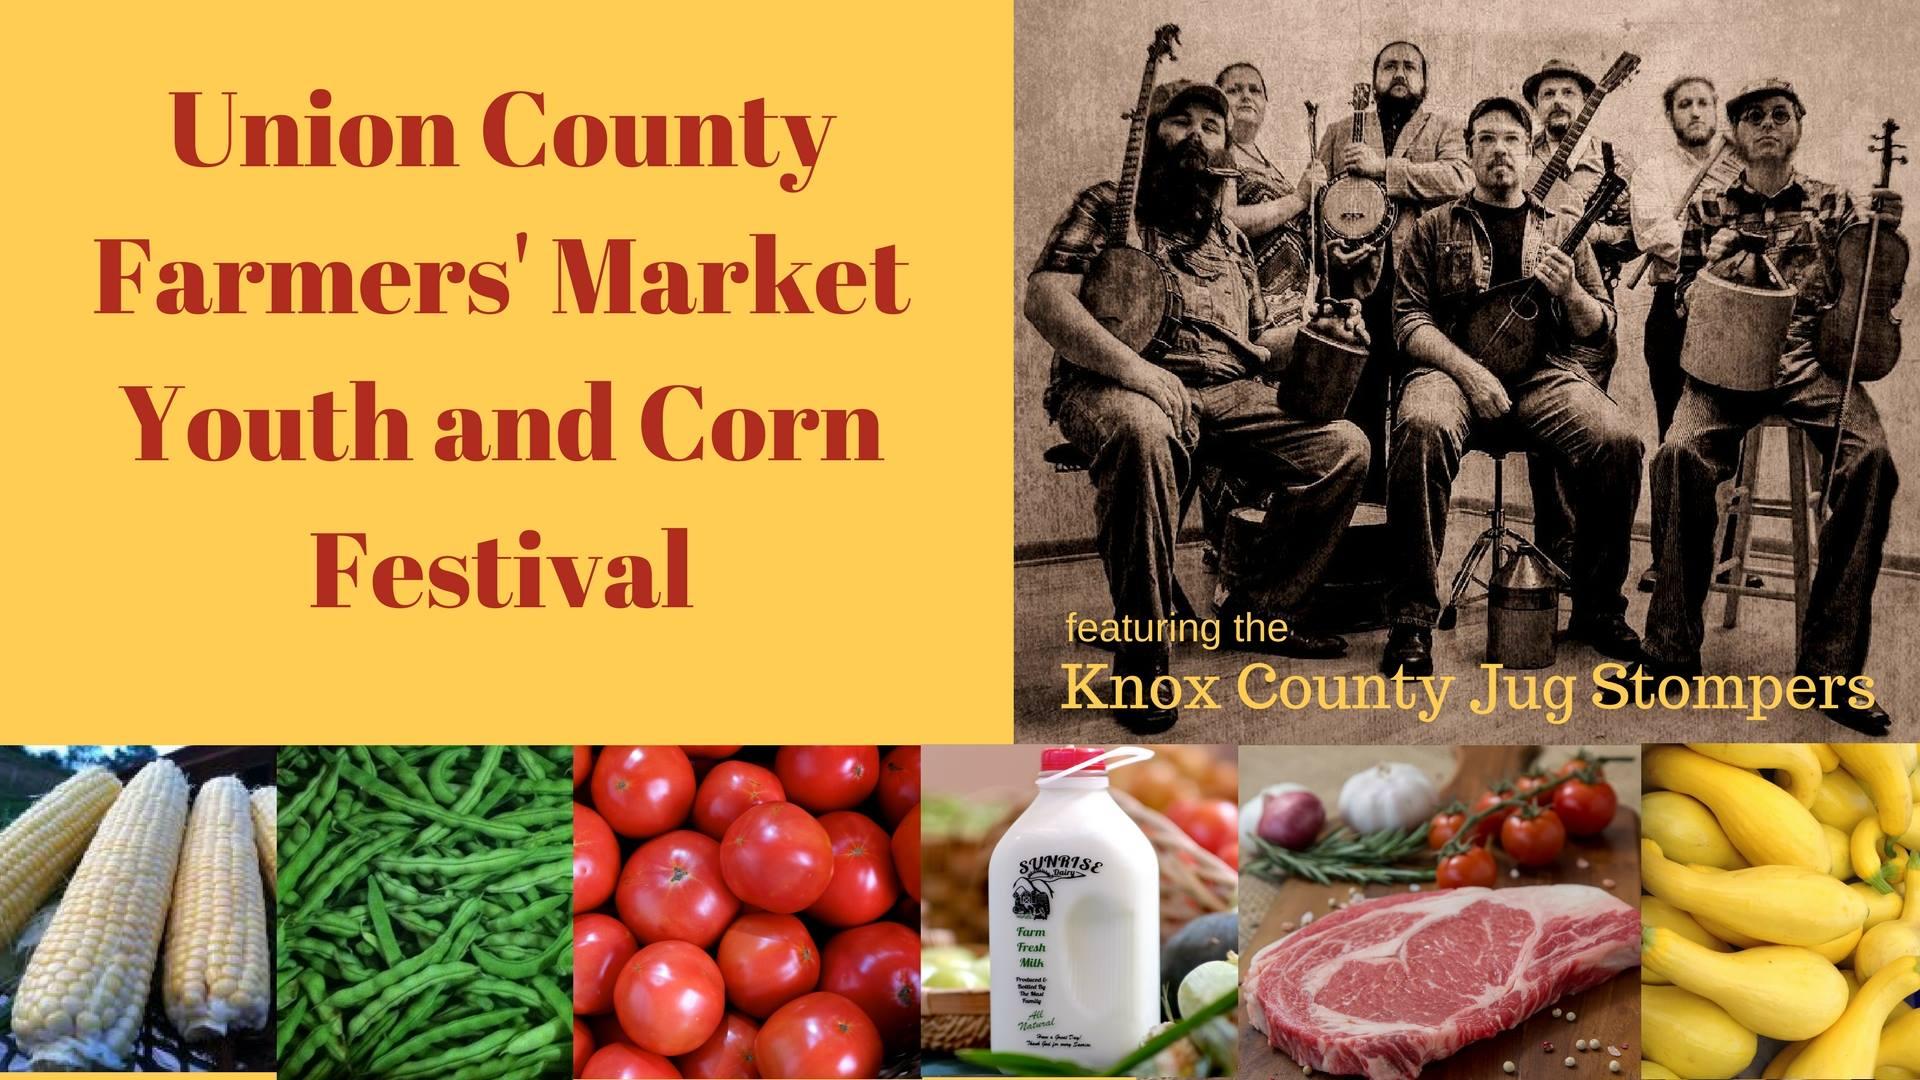 Union County Farmers Market   115 Wilson Lane, Maynardville, Tennessee 37807